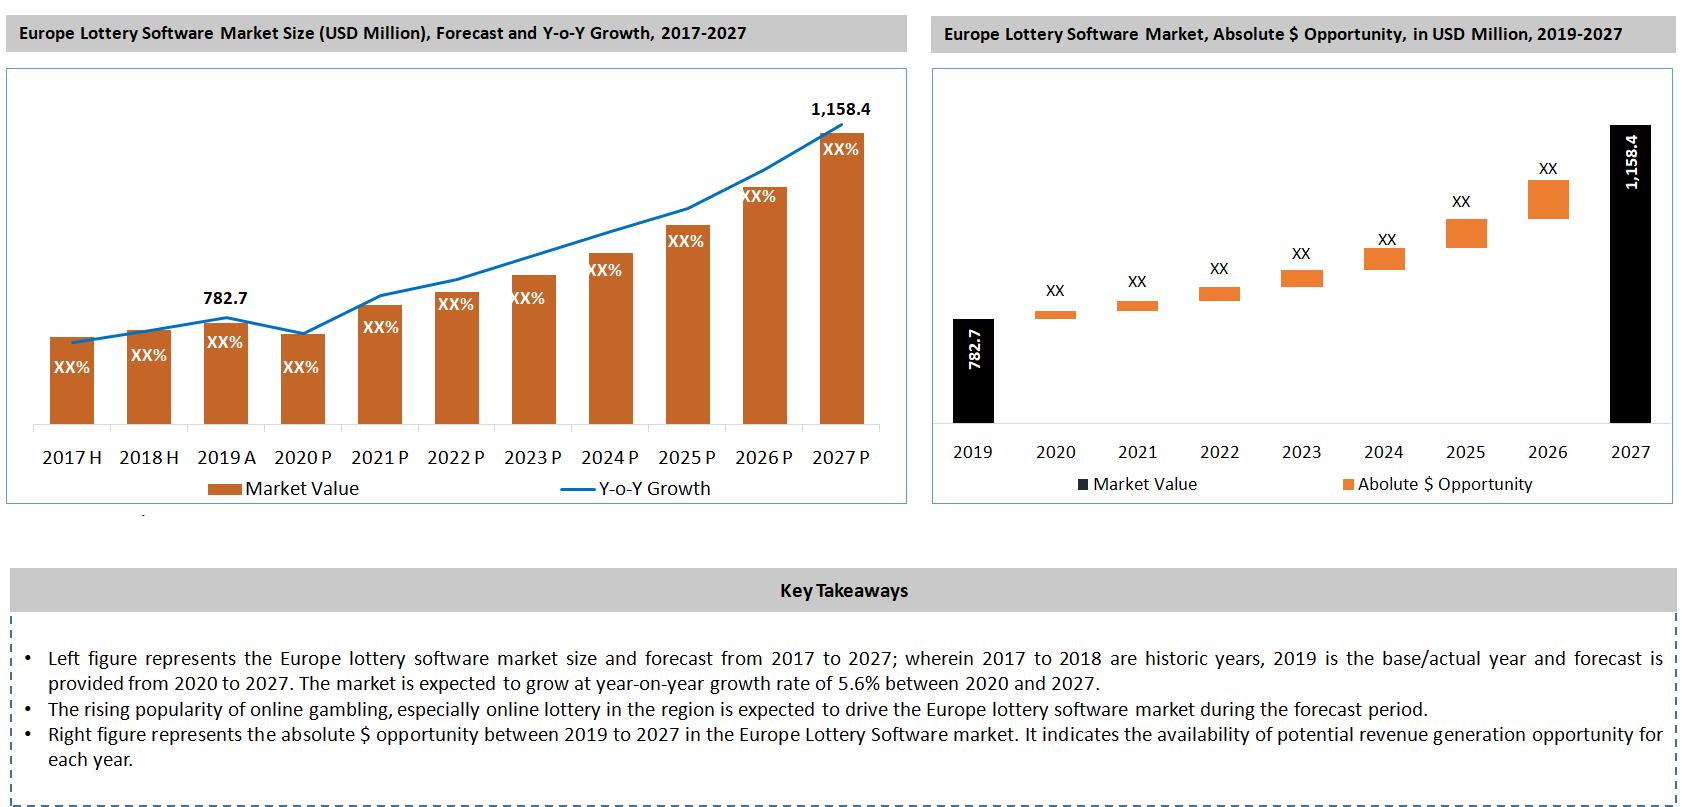 Europe Lottery Software Market Key Takeaways